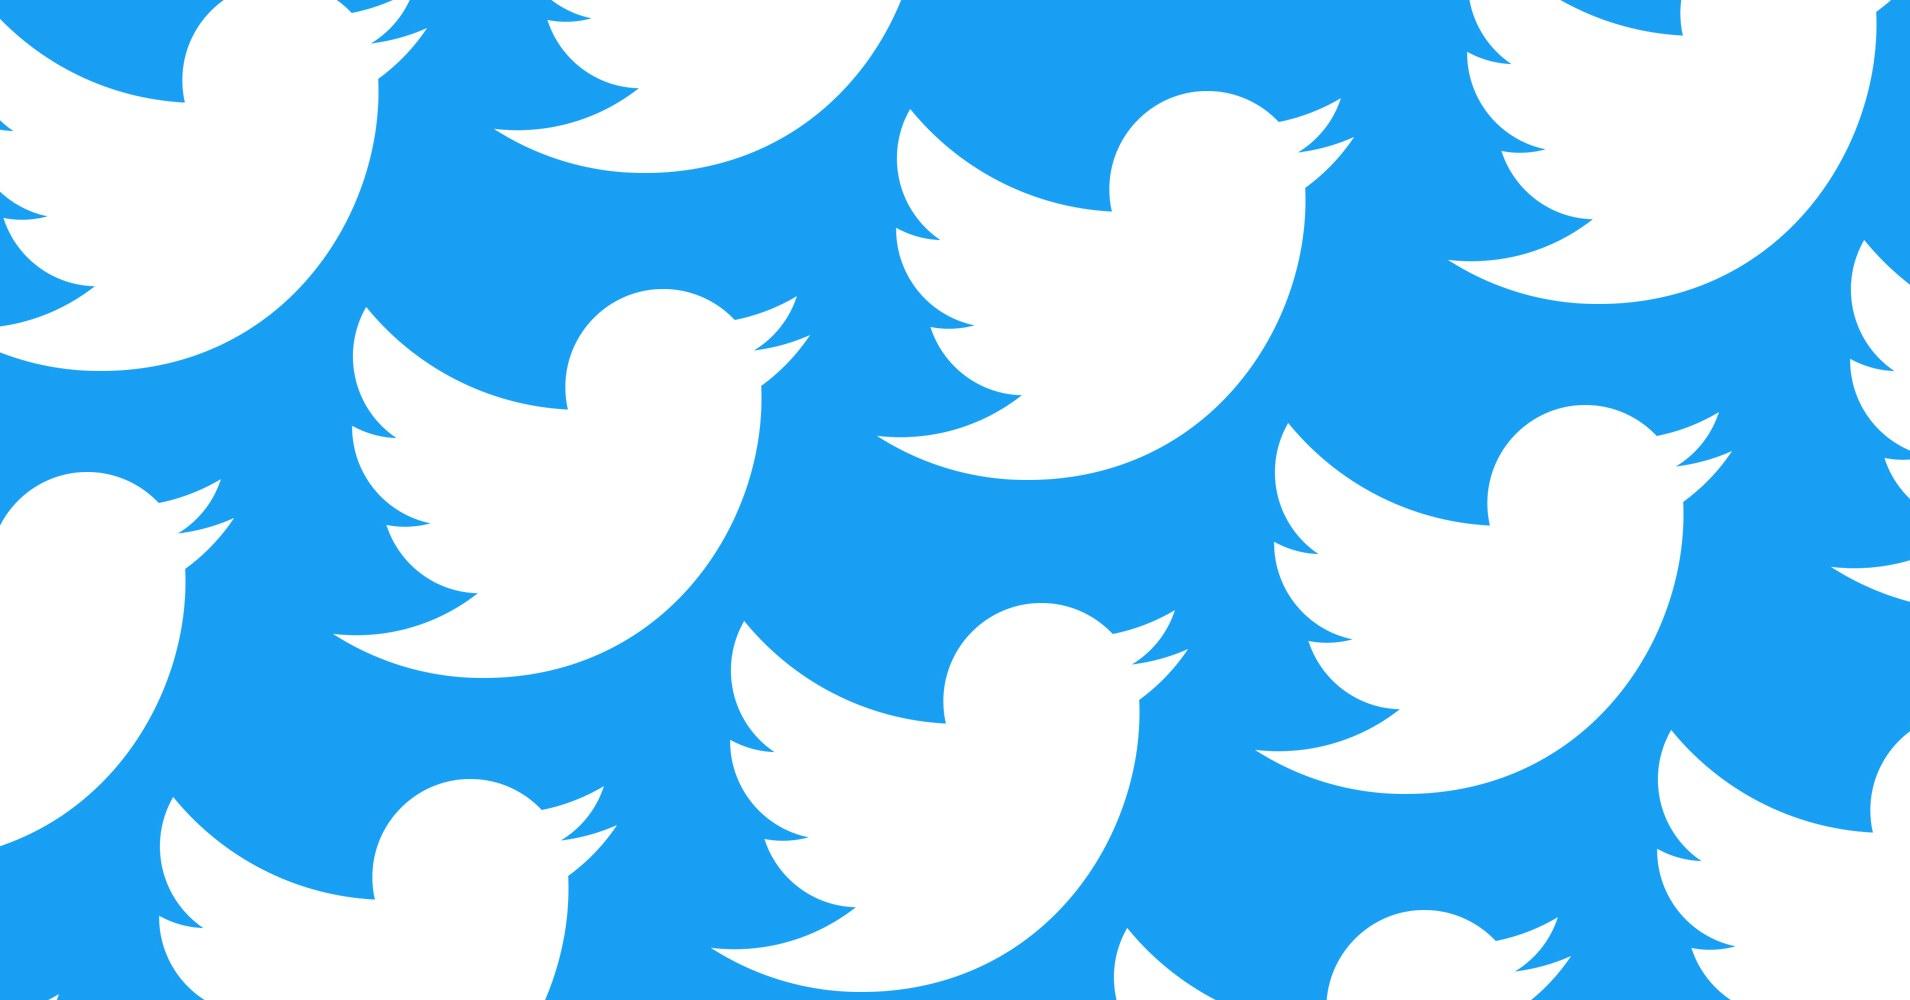 Официальное приложение Twitter для Android могло раскрывать приватные твиты пользователей